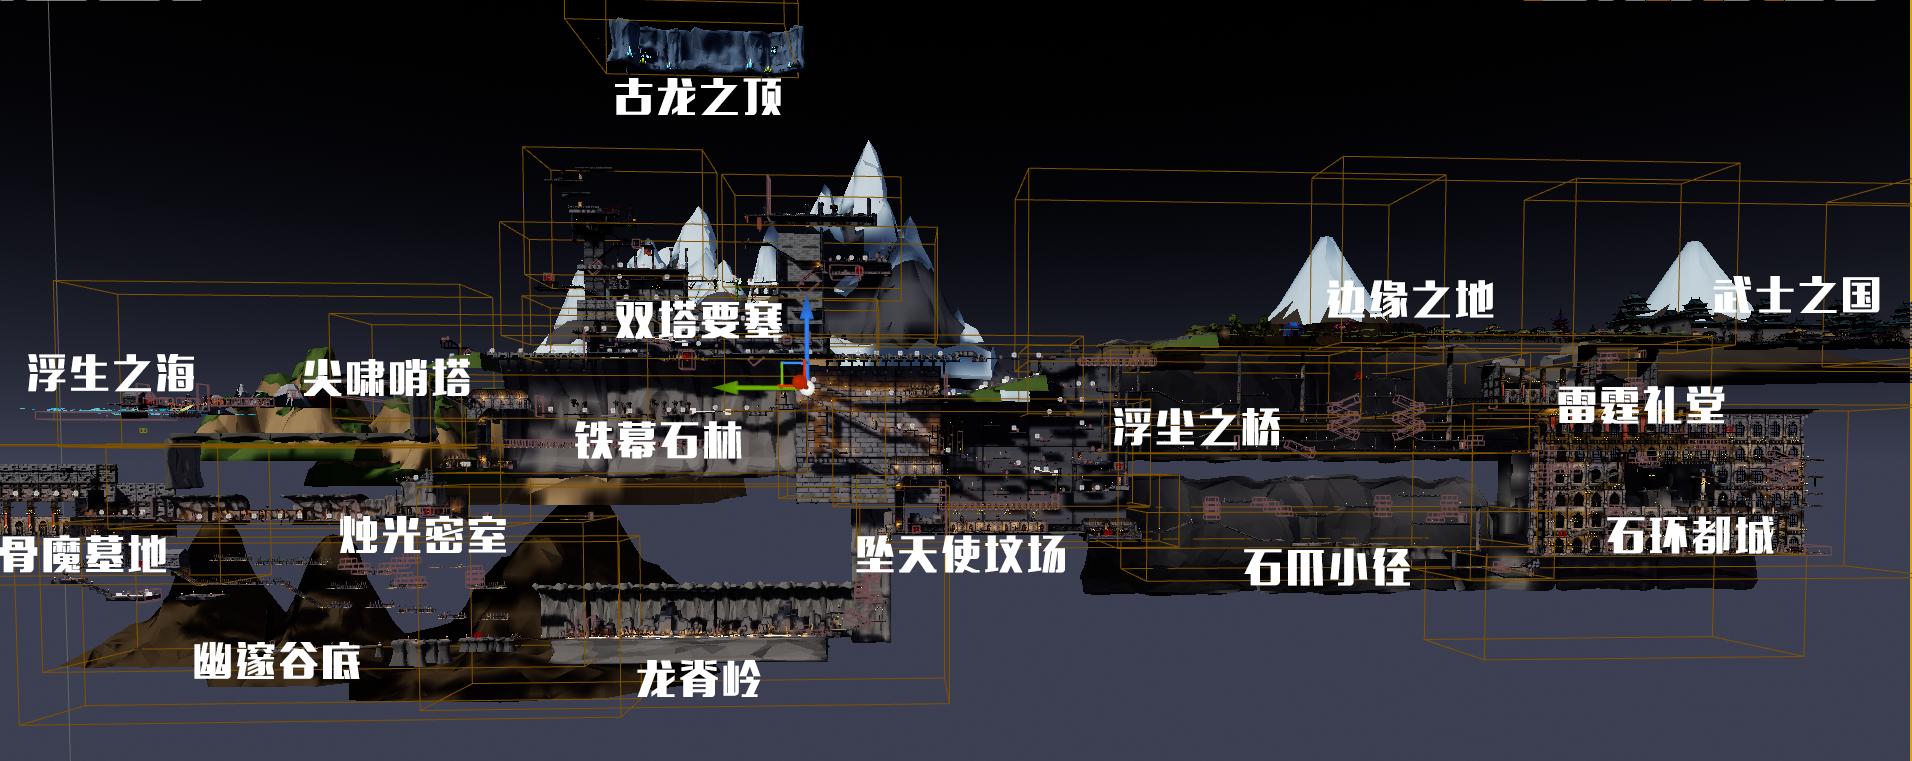 《救赎抉择》前期部分地图(不放完整的因为截图不够大)